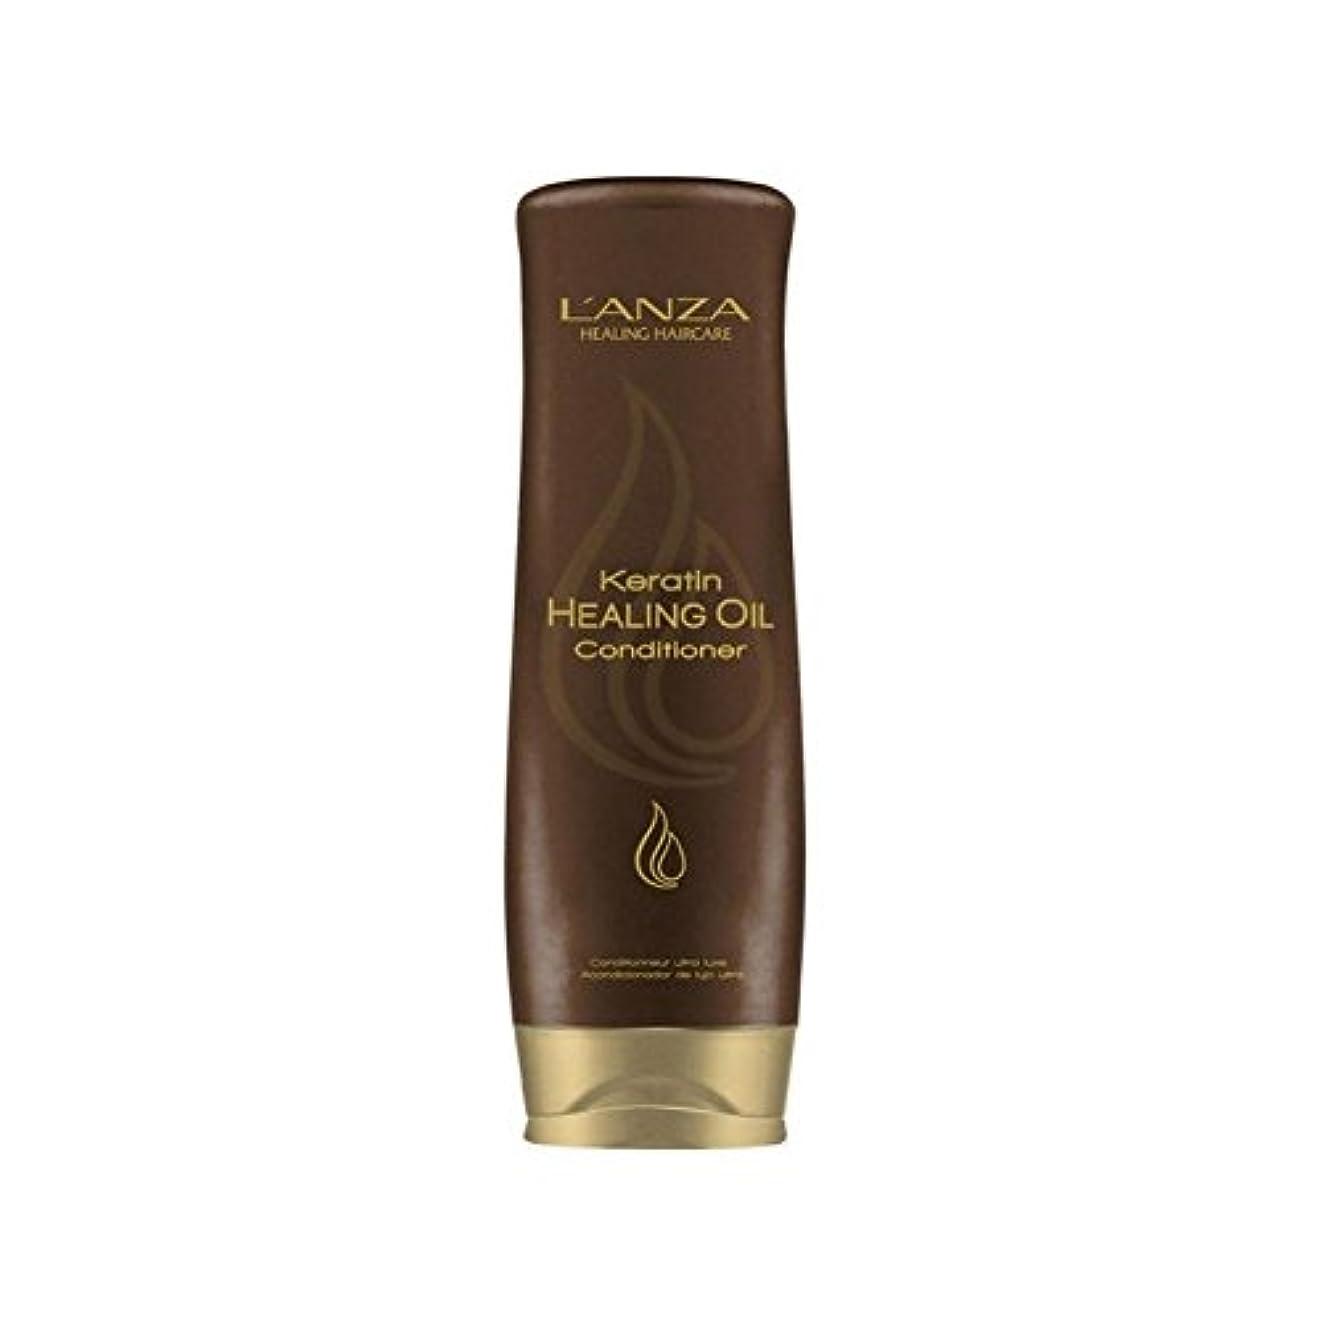 促す重なる疑問を超えてL'Anza Keratin Healing Oil Conditioner (250ml) - アンザケラチンオイルコンディショナー(250ミリリットル)を癒し [並行輸入品]